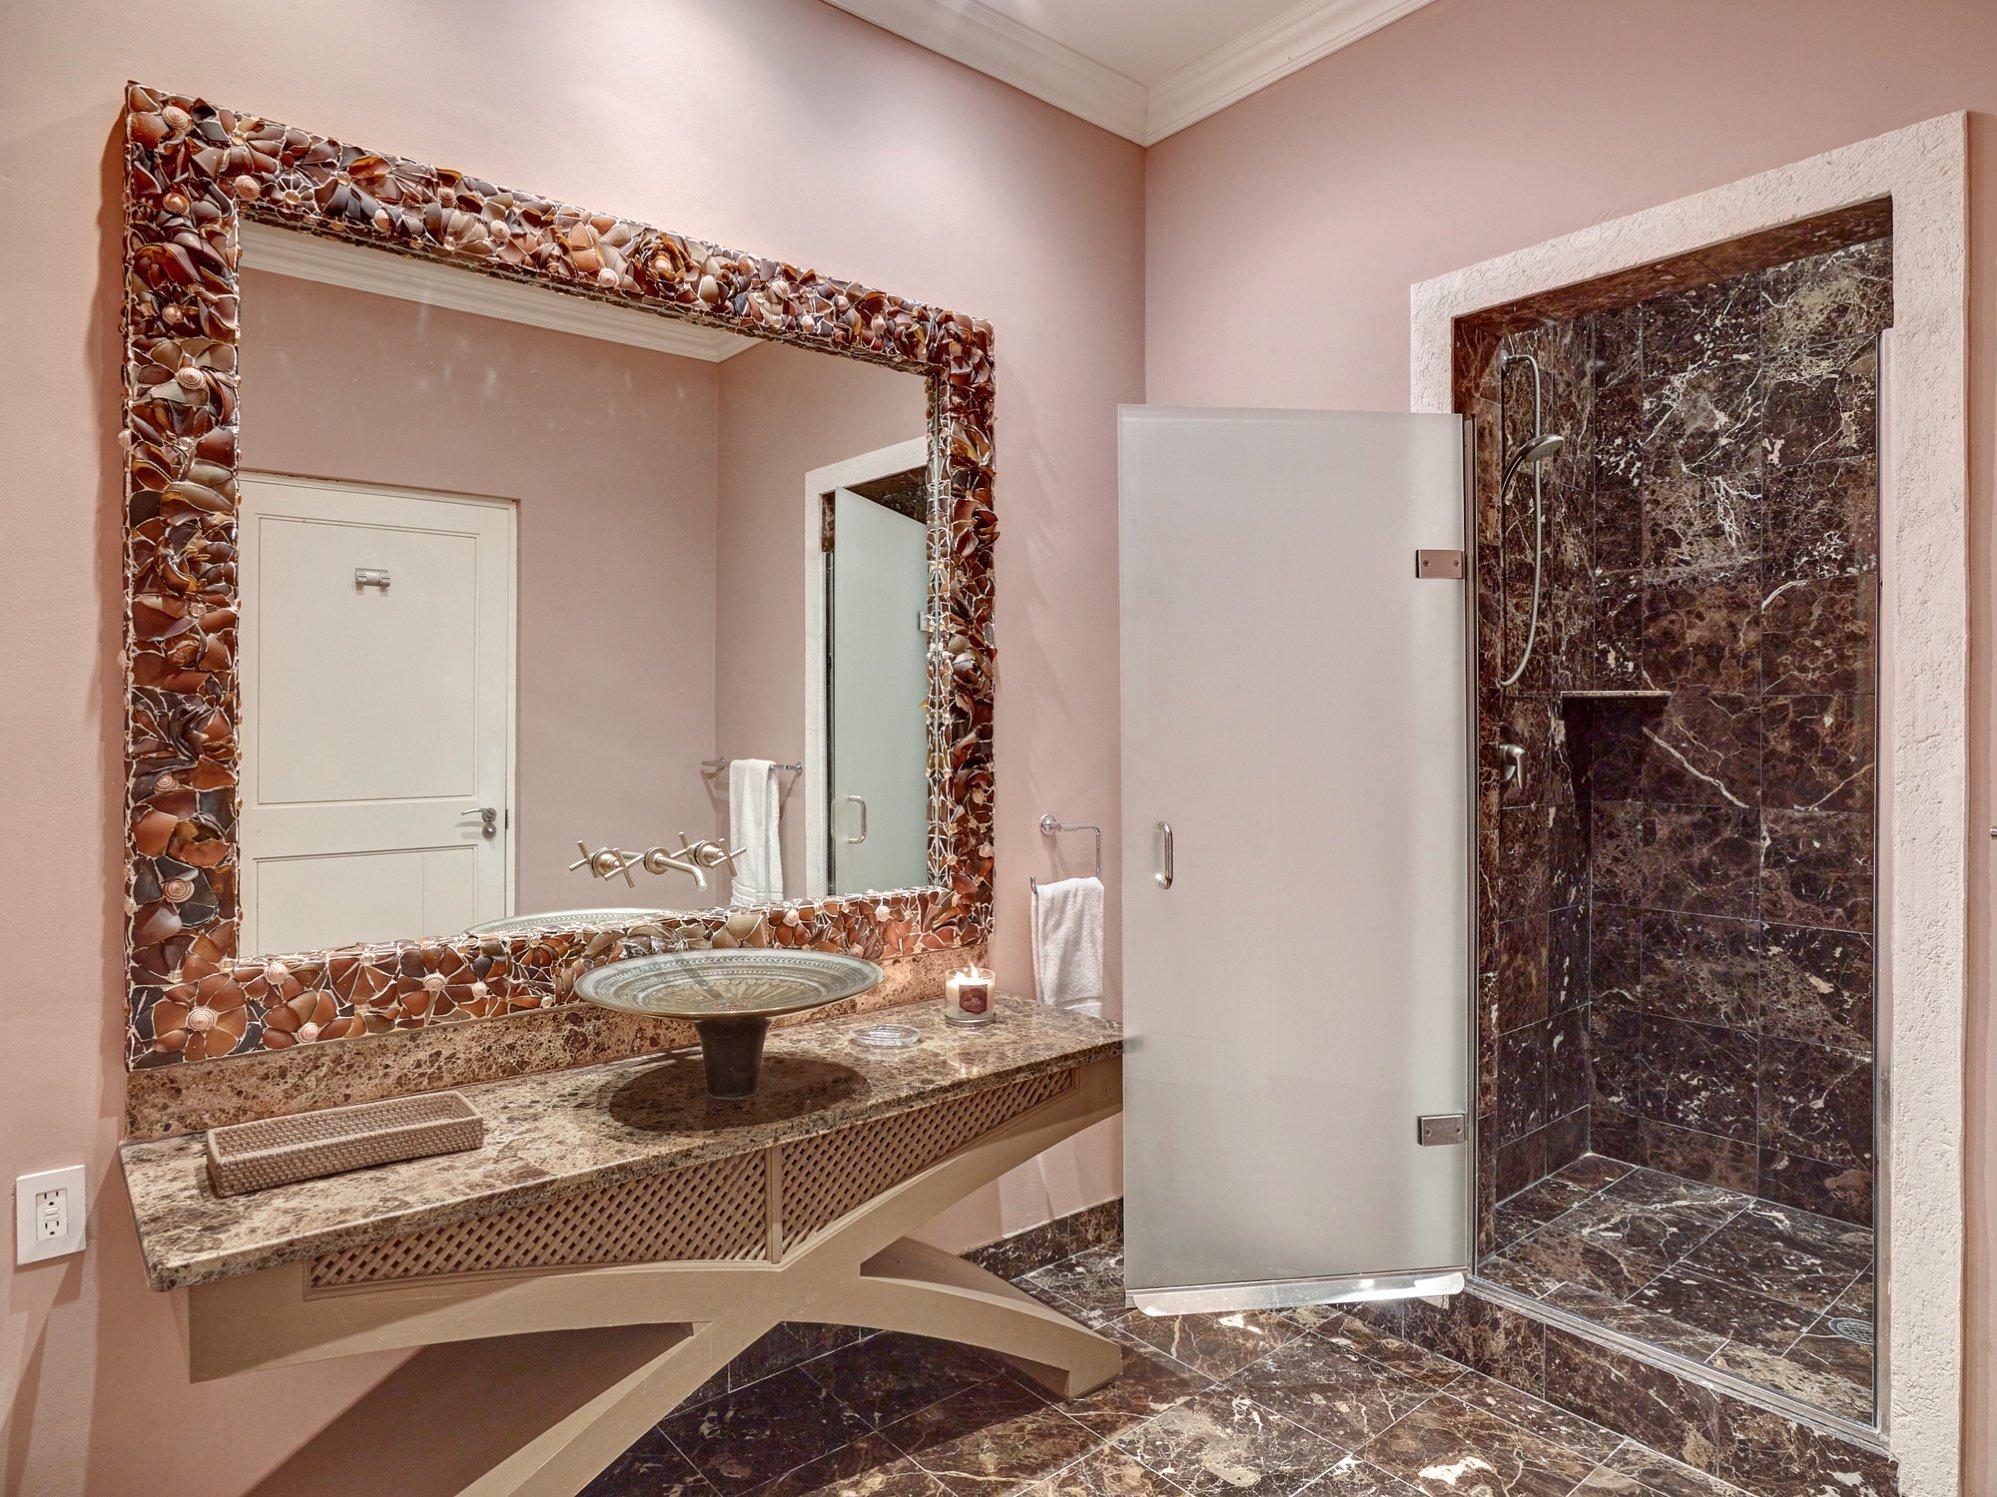 Bathroom Westland heights Barbados